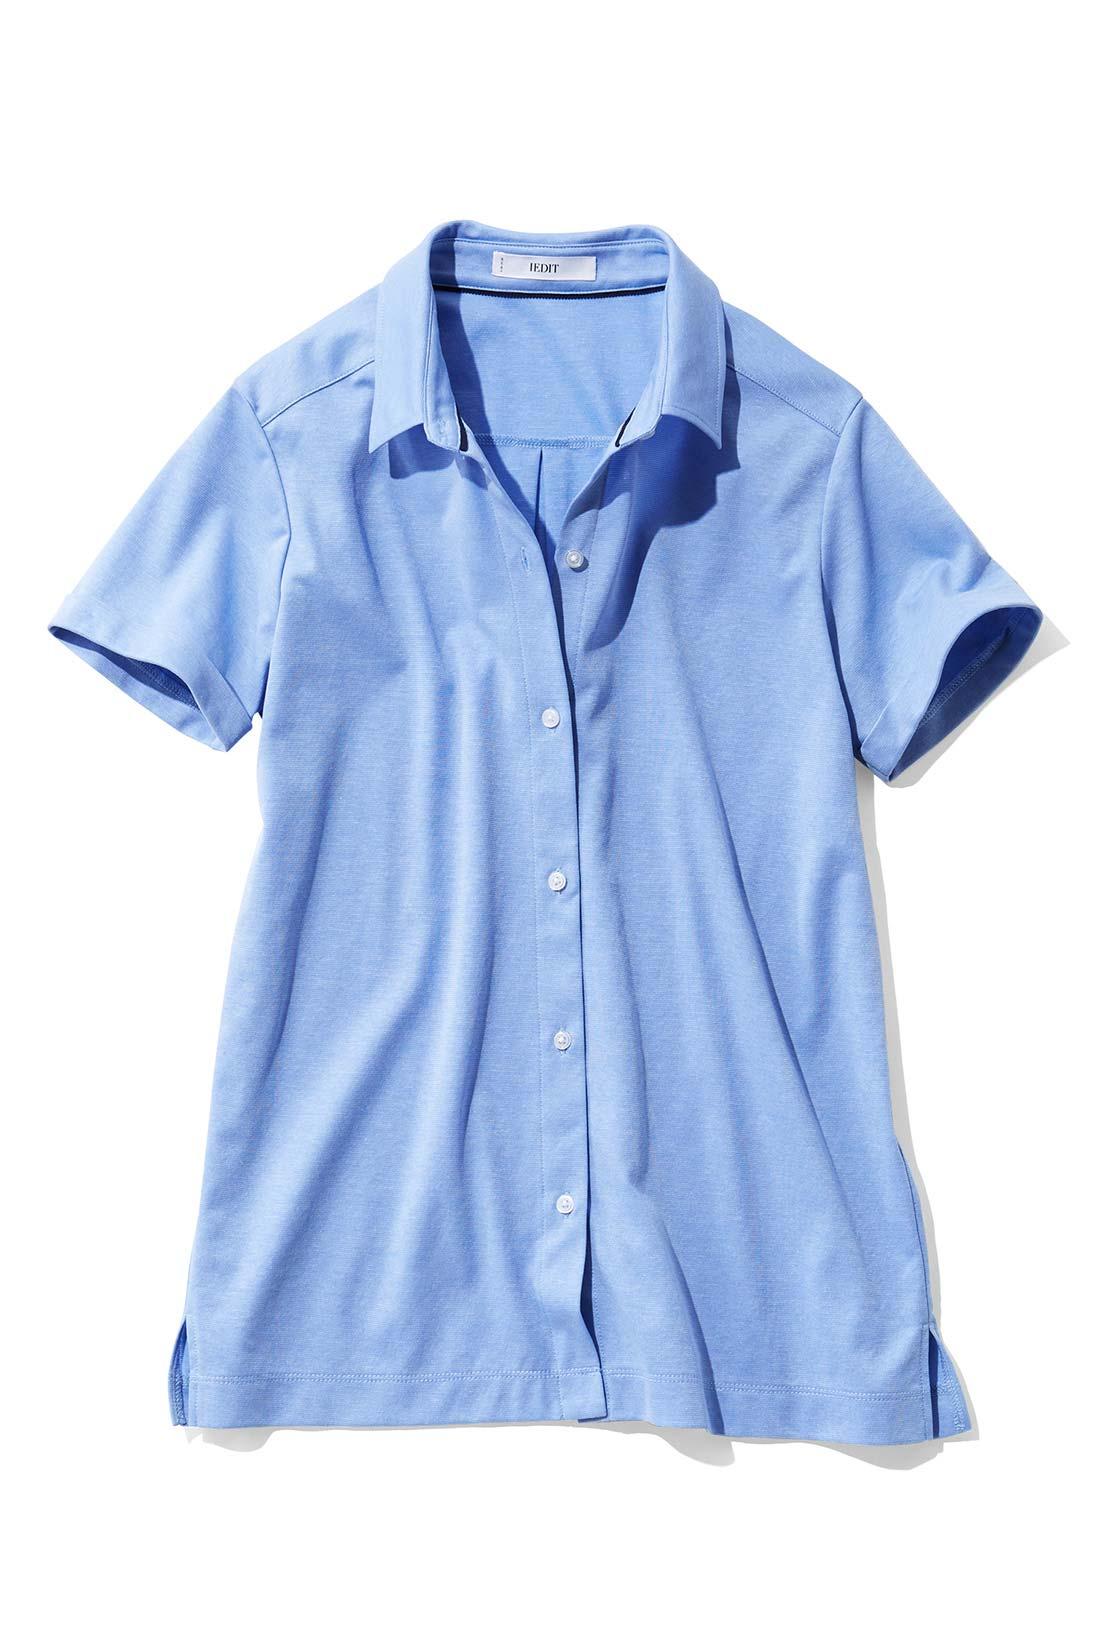 涼しげで端正な〈ライトブルー〉 あえて小さめな衿とボタンが女性らしい印象。 ウエストインもきれいに決まる丈感。